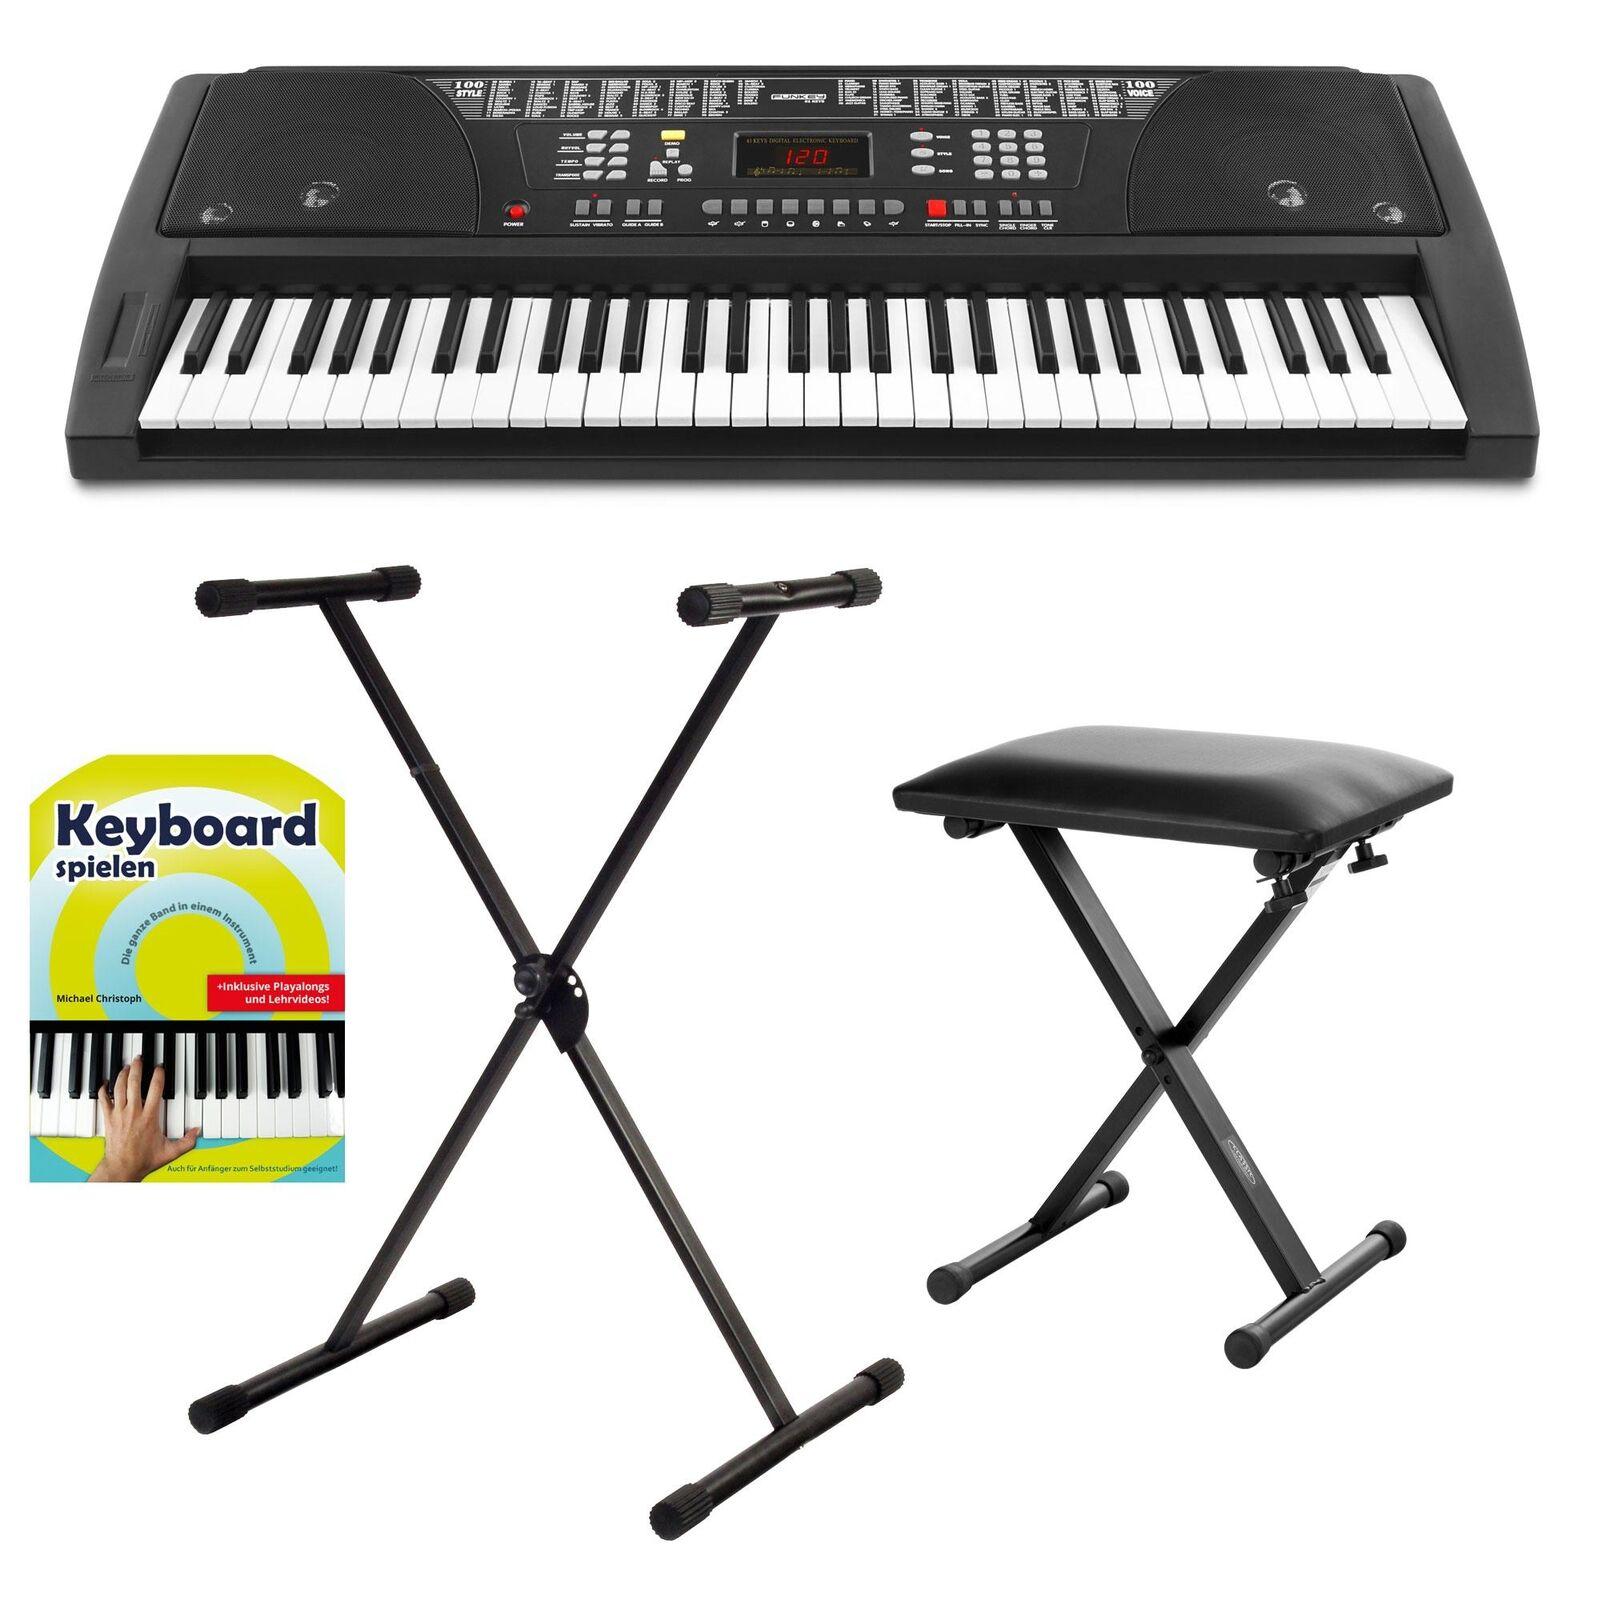 benvenuto a scegliere 61 Tasti Keyboard Set CAVALLETTO TREPPIEDE pianoforte Panca Scuola Scuola Scuola E-Piano Sintetizzatore  design unico